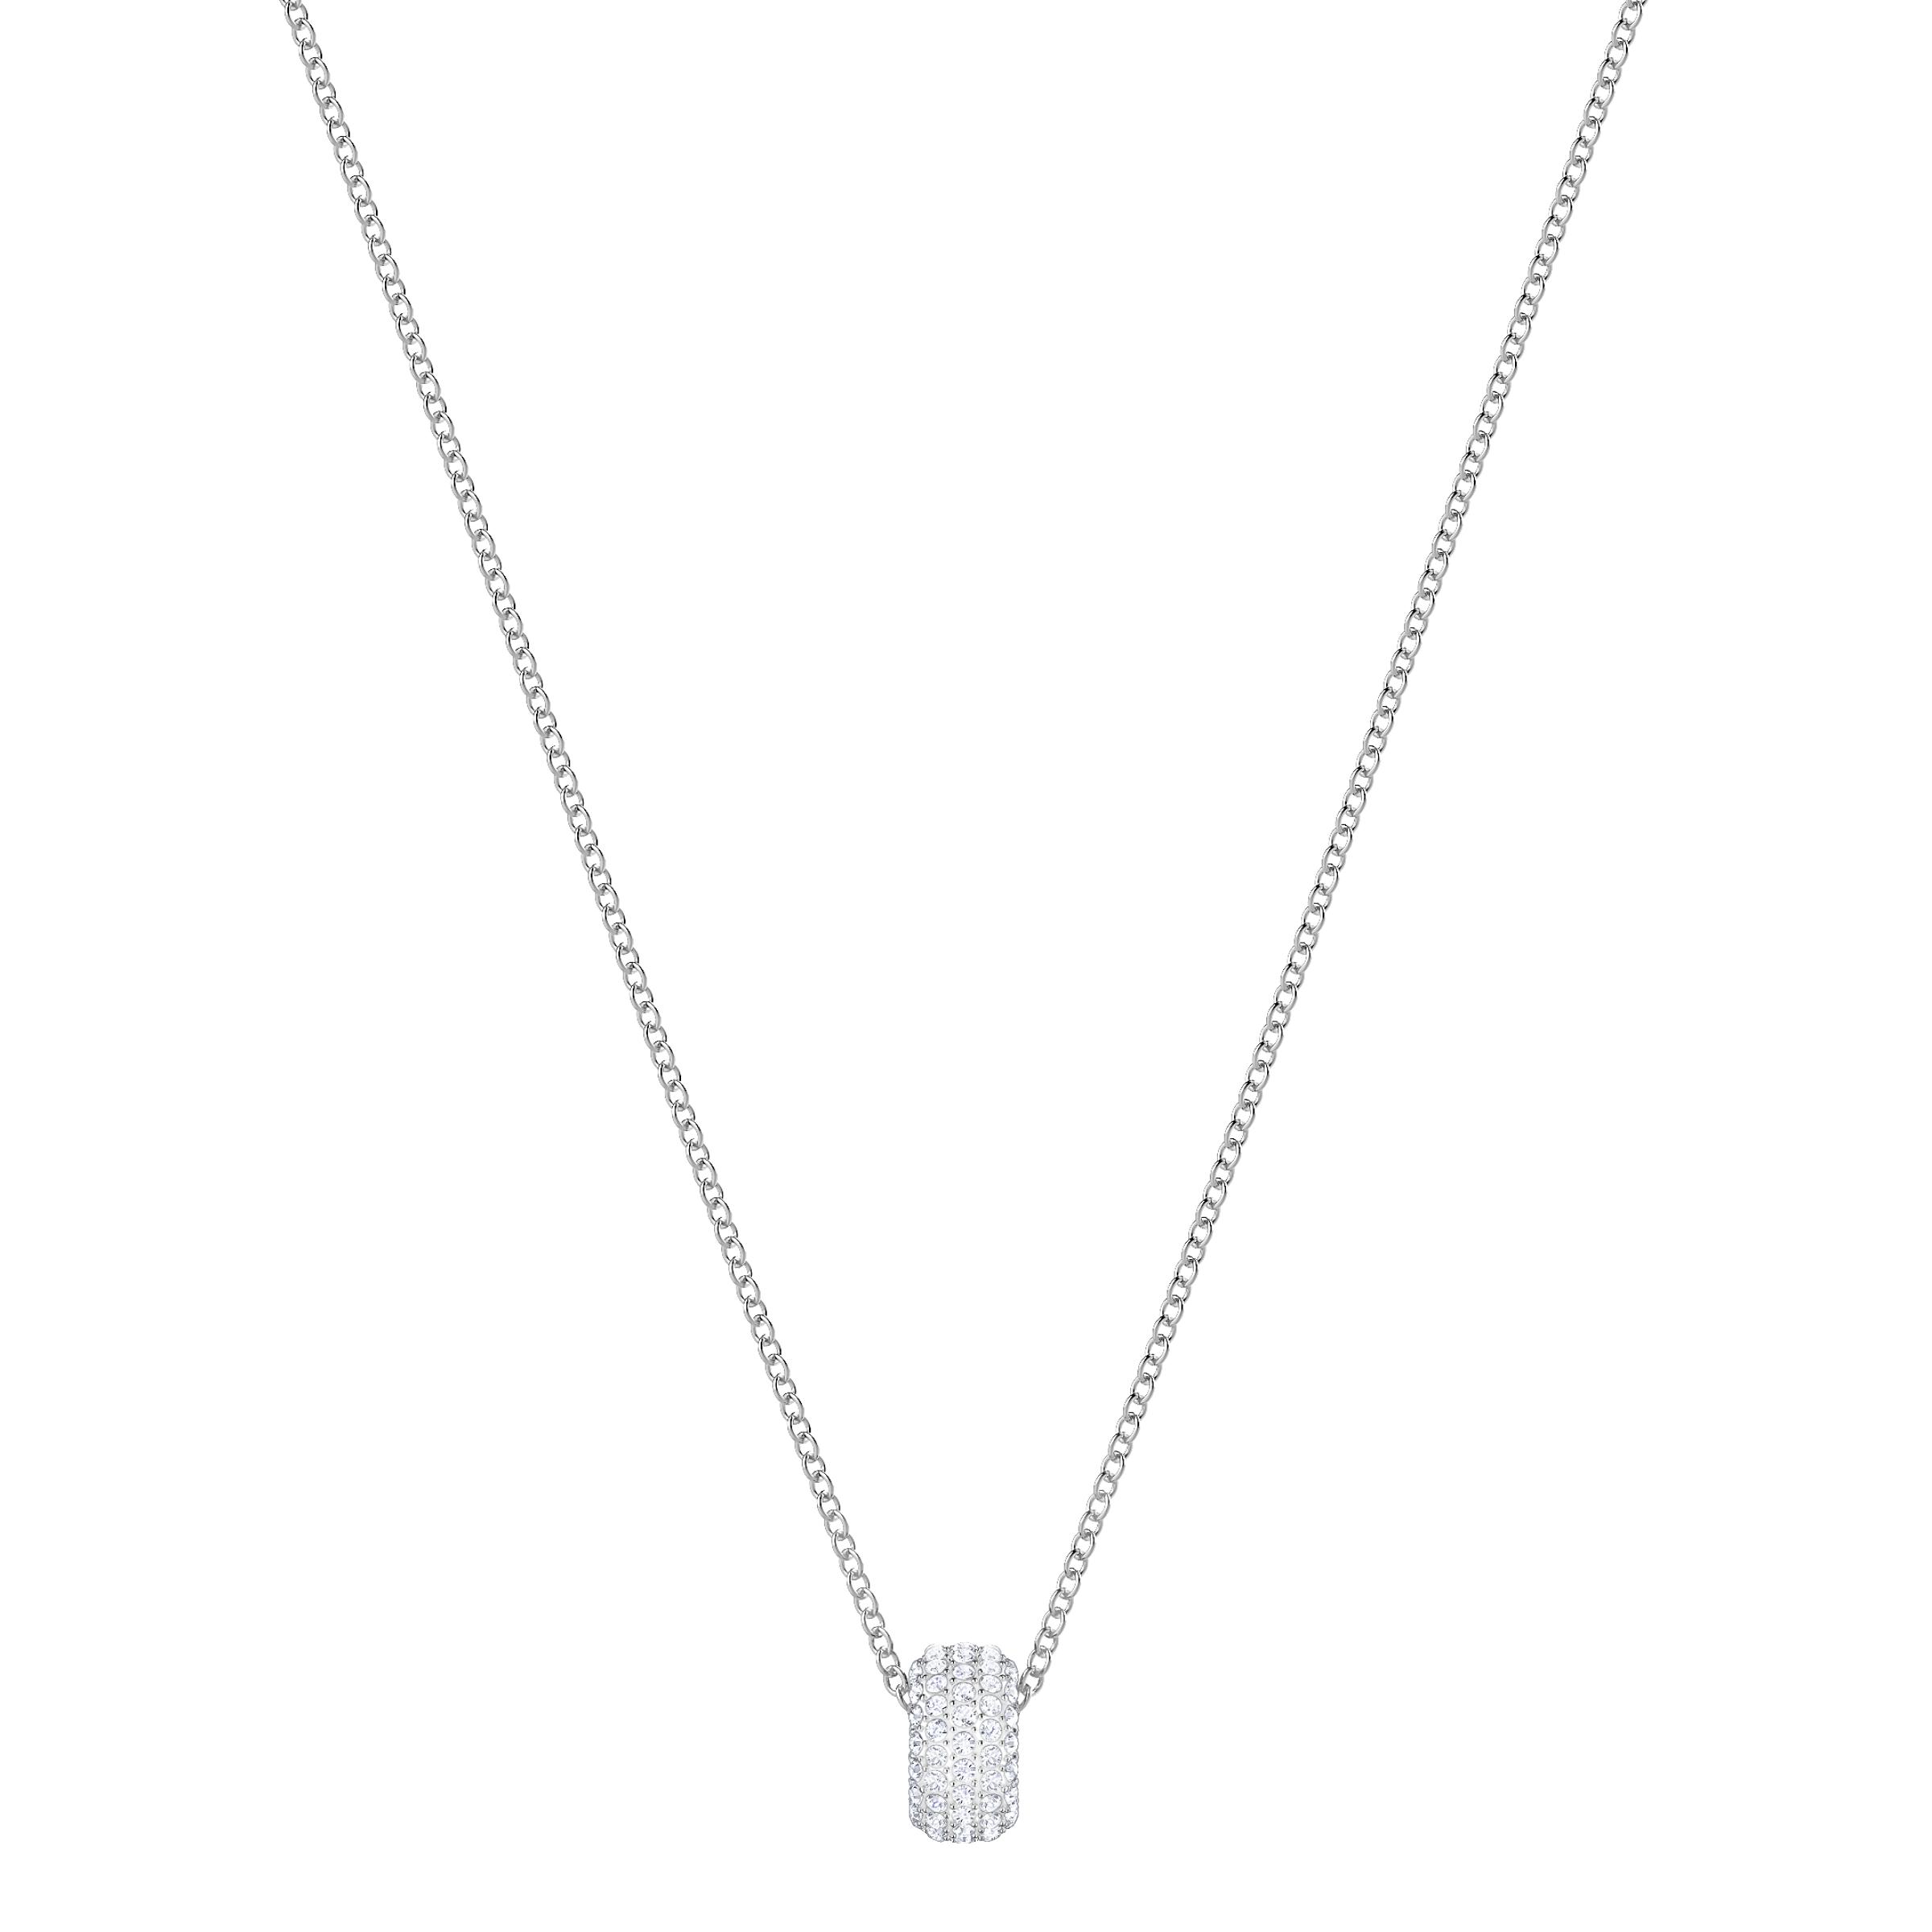 تعليقة Stone دائرية الشكل، بيضاء، بطلاء من الروديوم